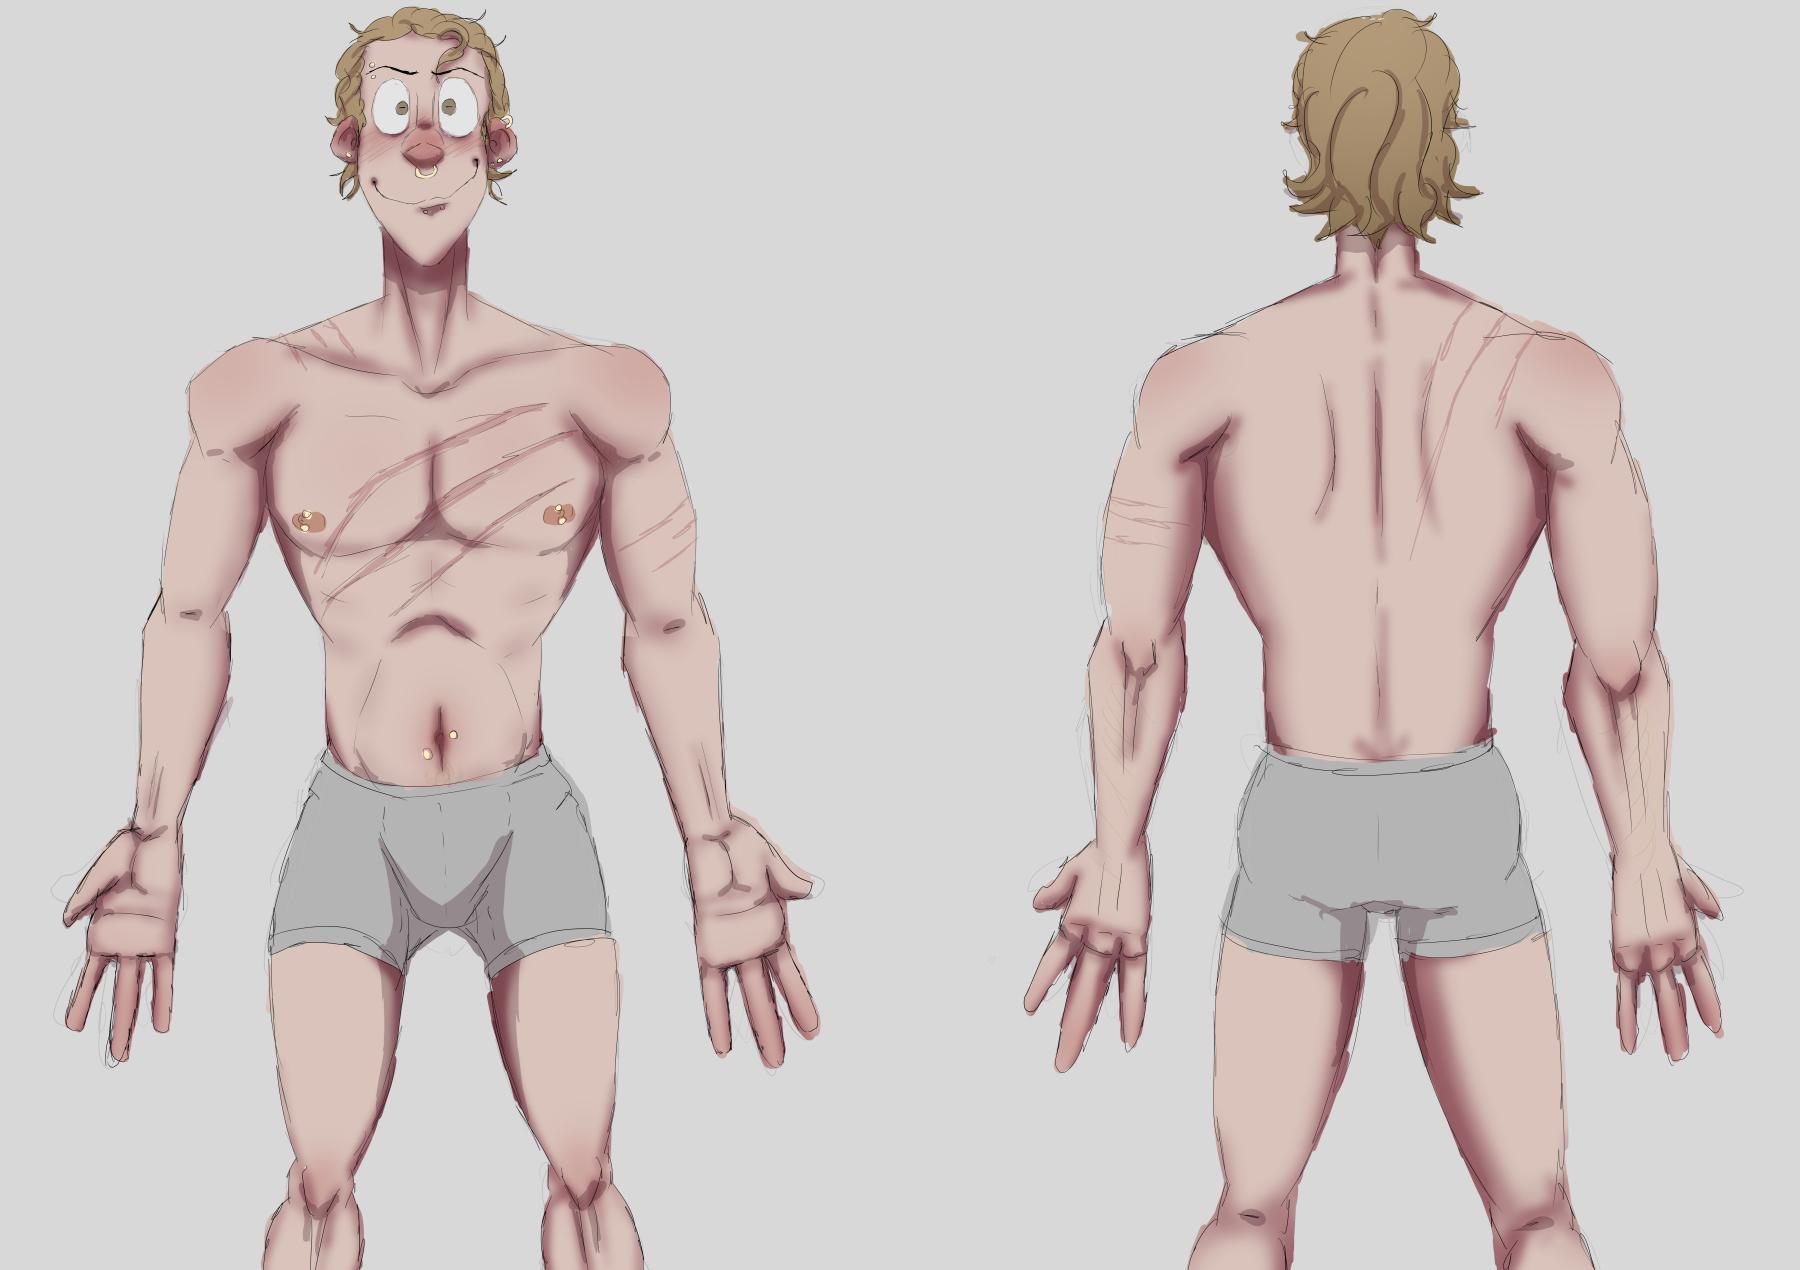 Dimitri concept